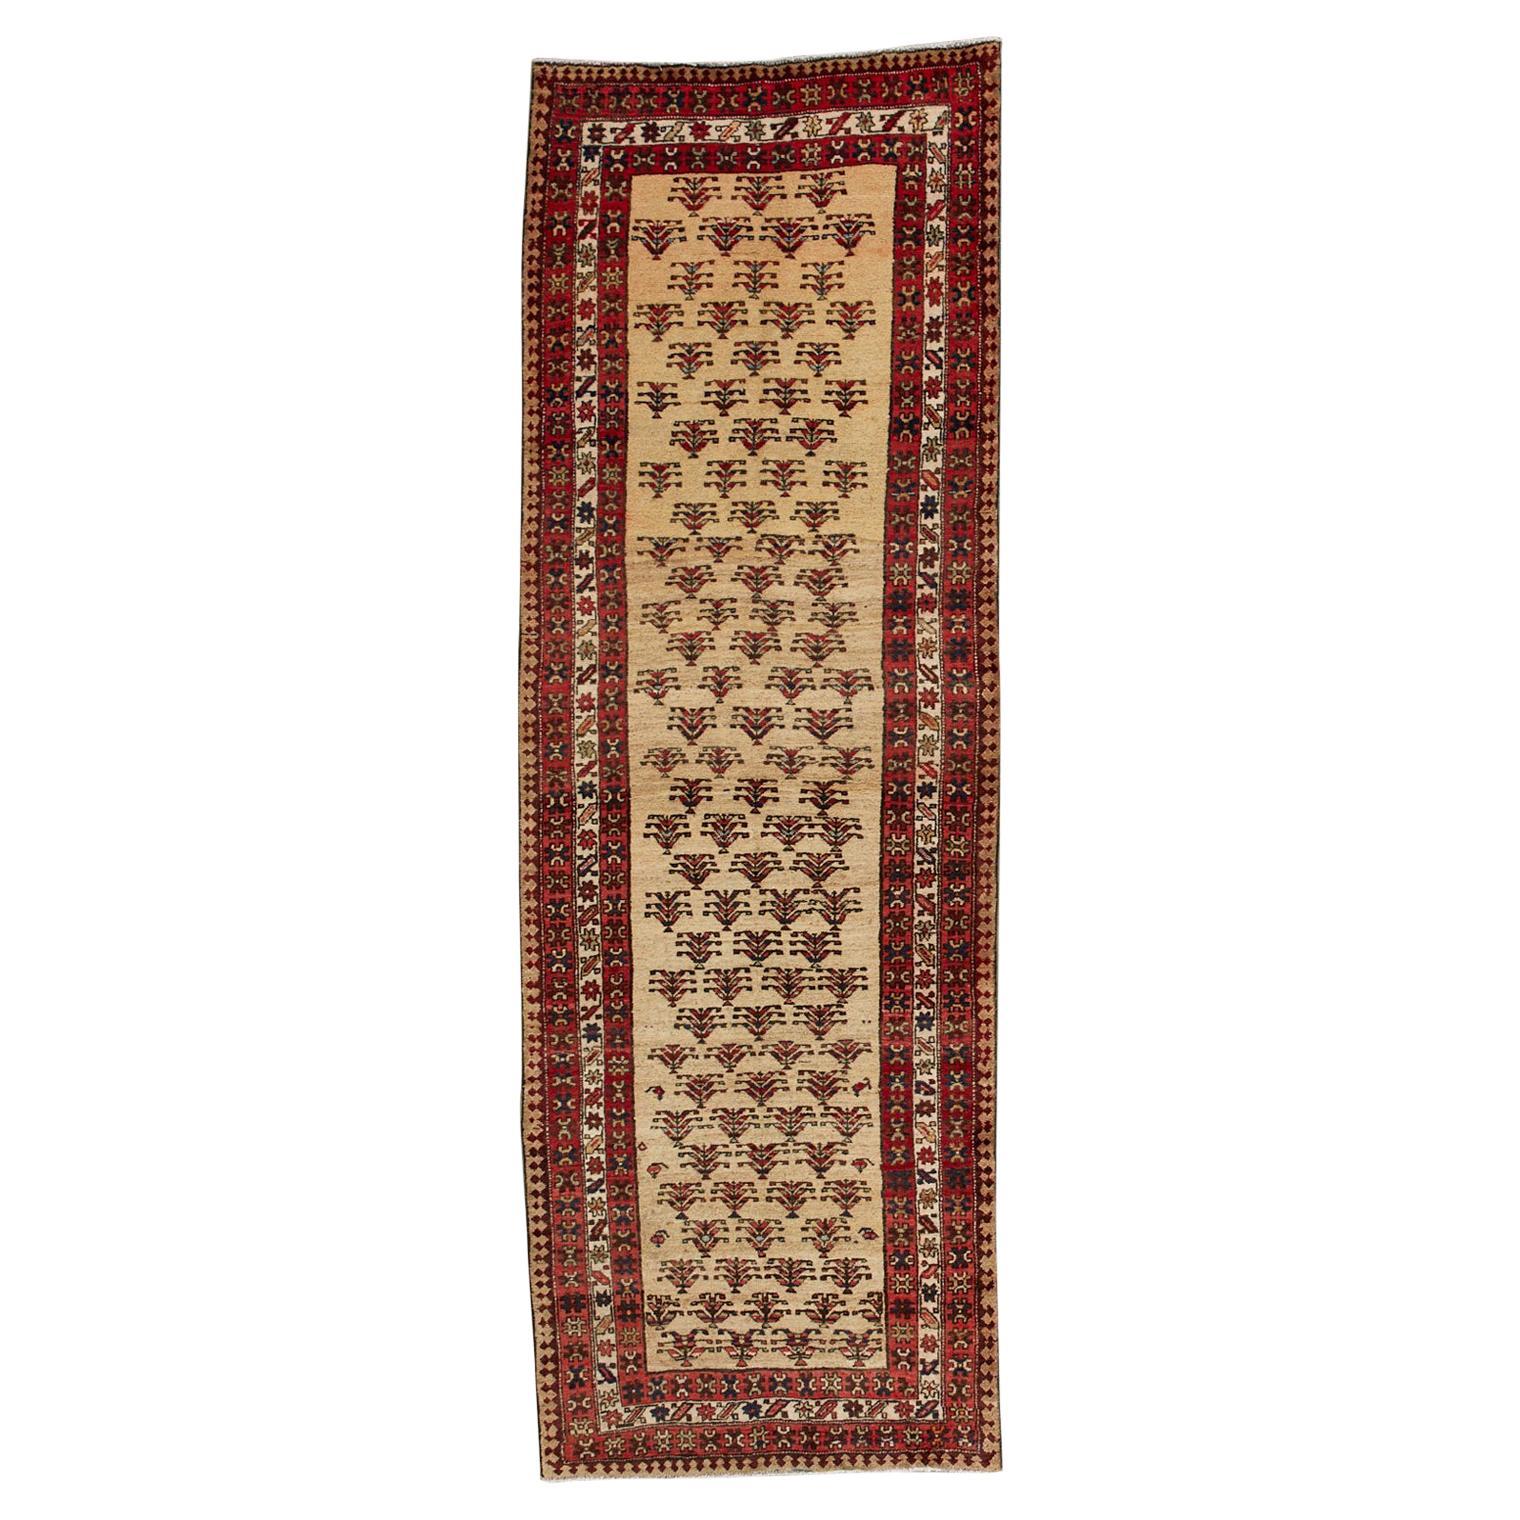 Antique Northwest Persian Ardabil Runner Carpet